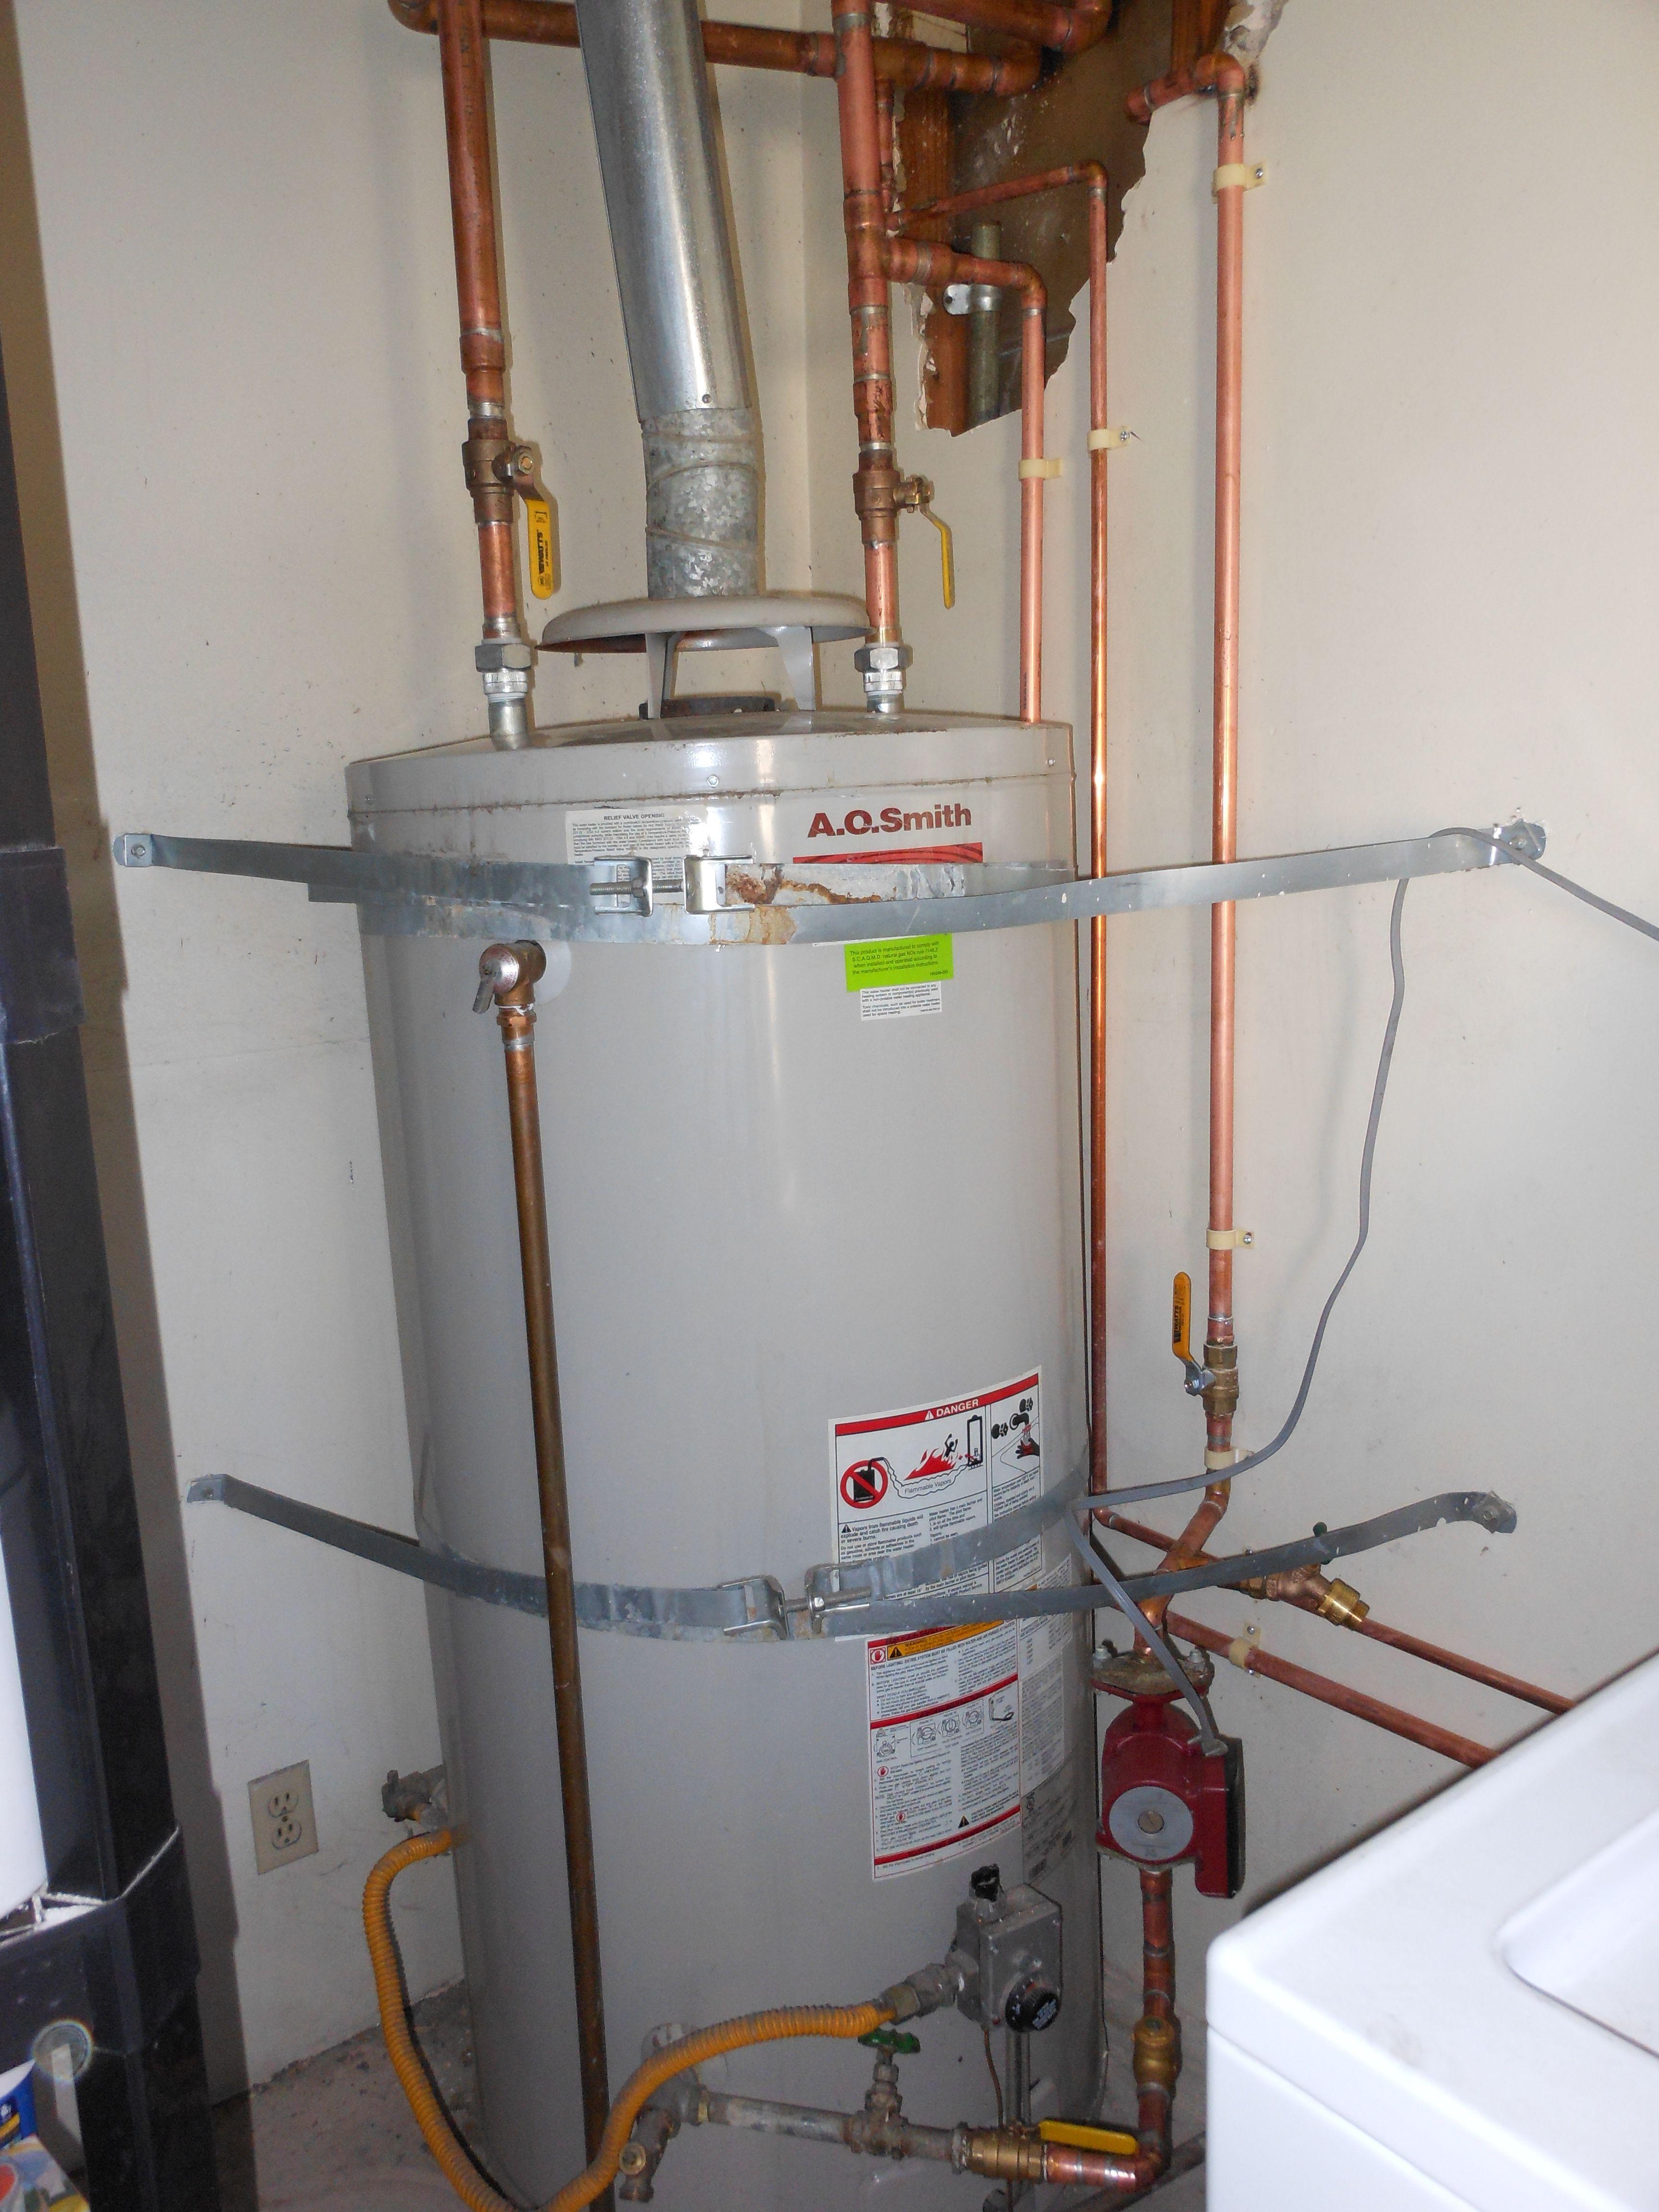 Copper Repiping The Water Heater In Long Beach Ca Ameri Cal Repipe Plumbing Plumbing Water Heater Homeowner